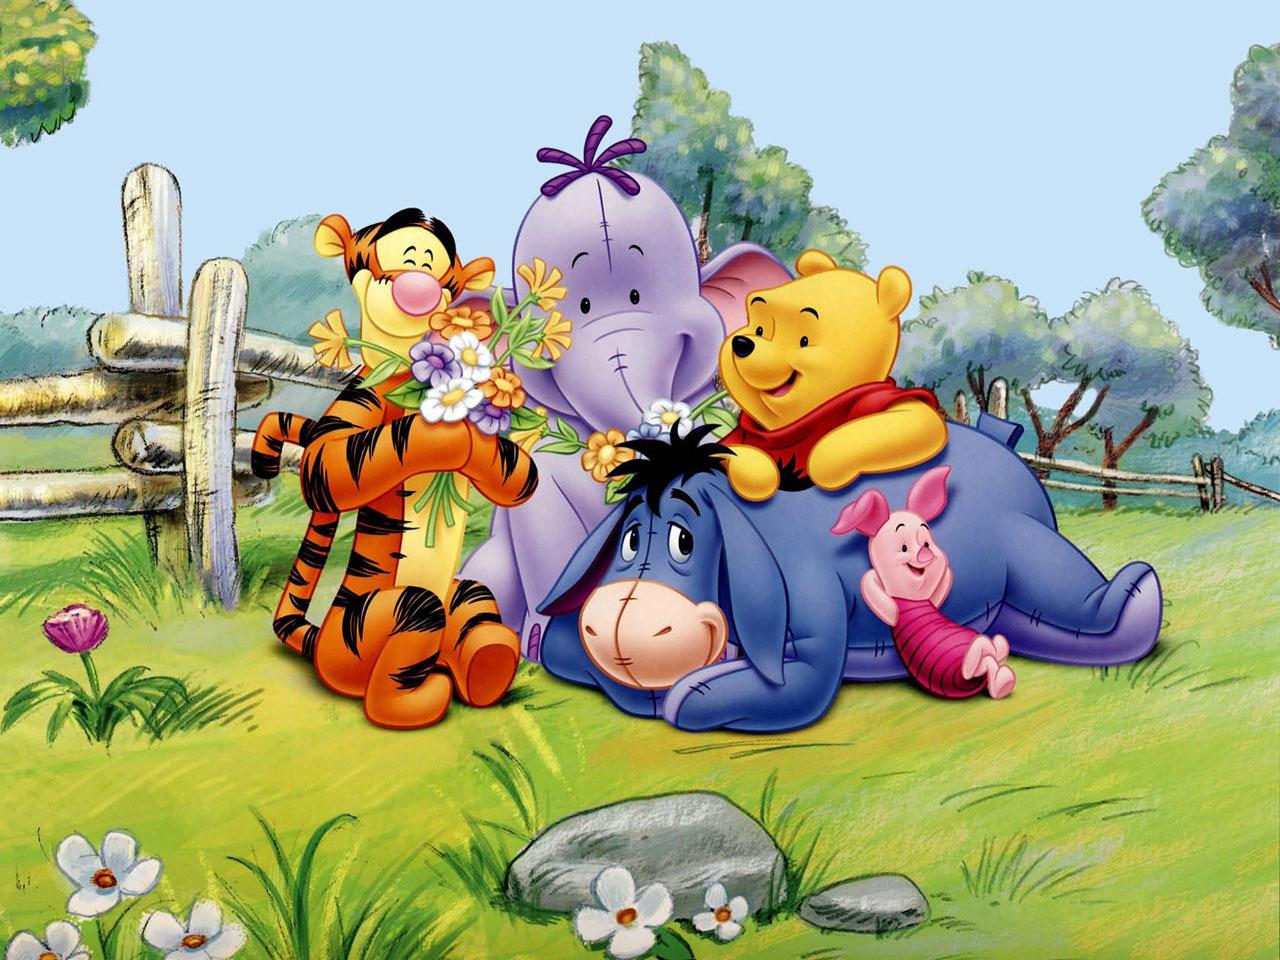 Uncategorized Winnie The Pooh Lumpy lumpy disney wiki fandom powered by wikia pooh and friends